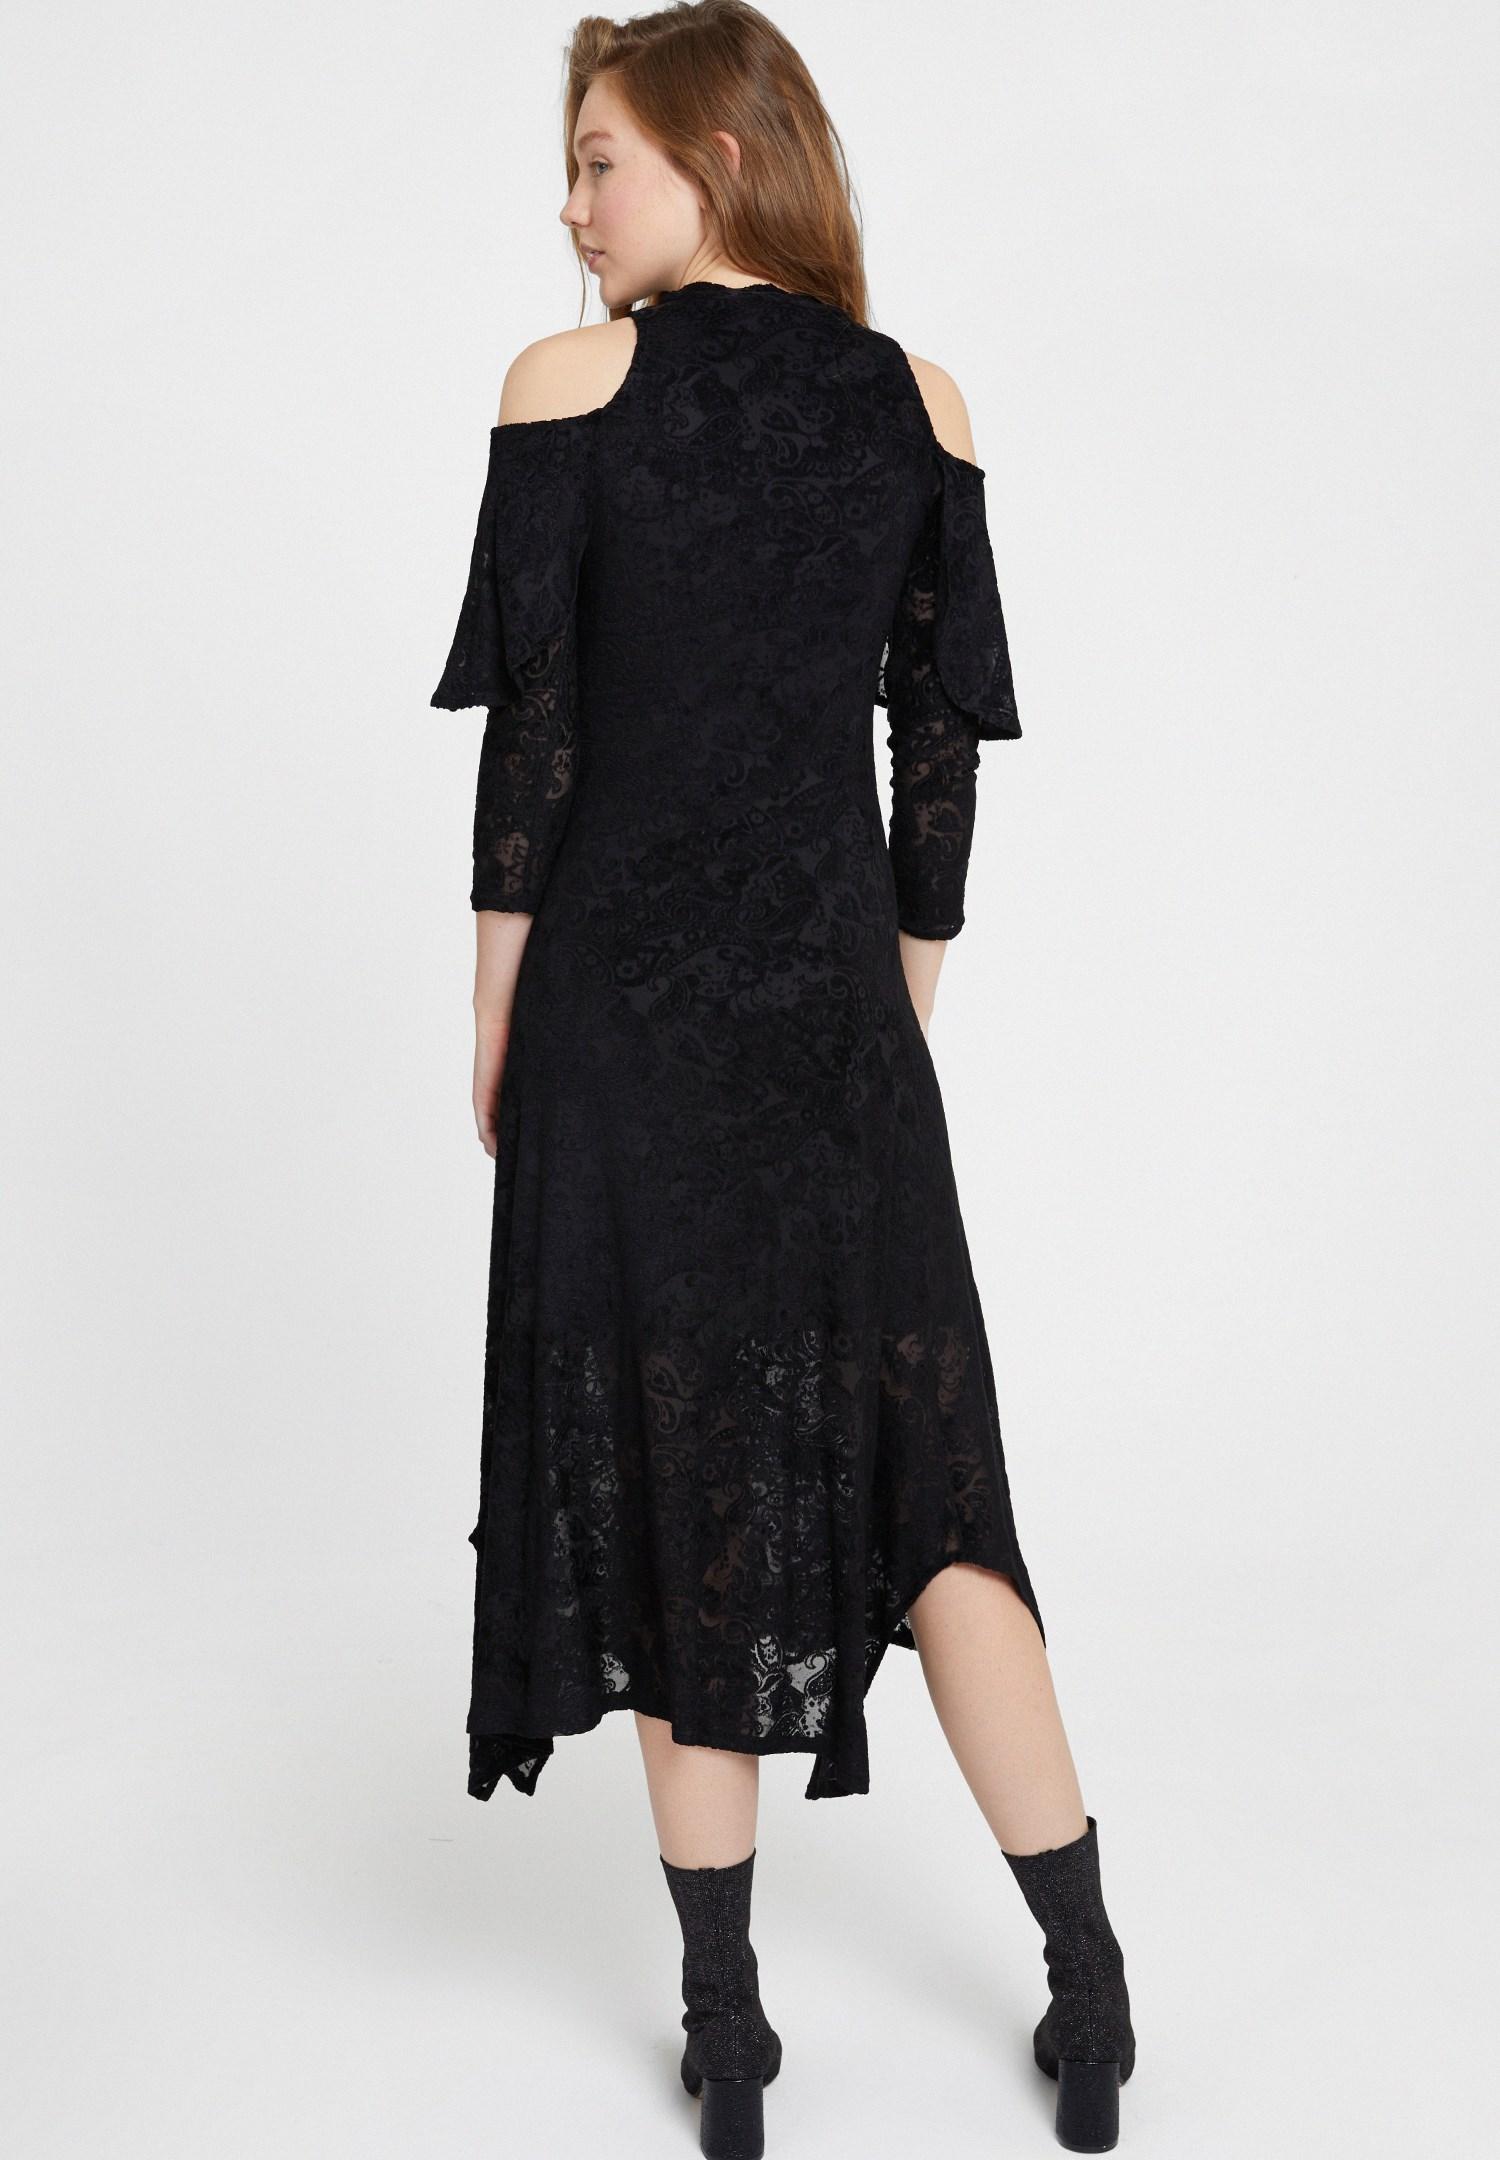 Bayan Siyah Omuz Detaylı Kadife Elbise